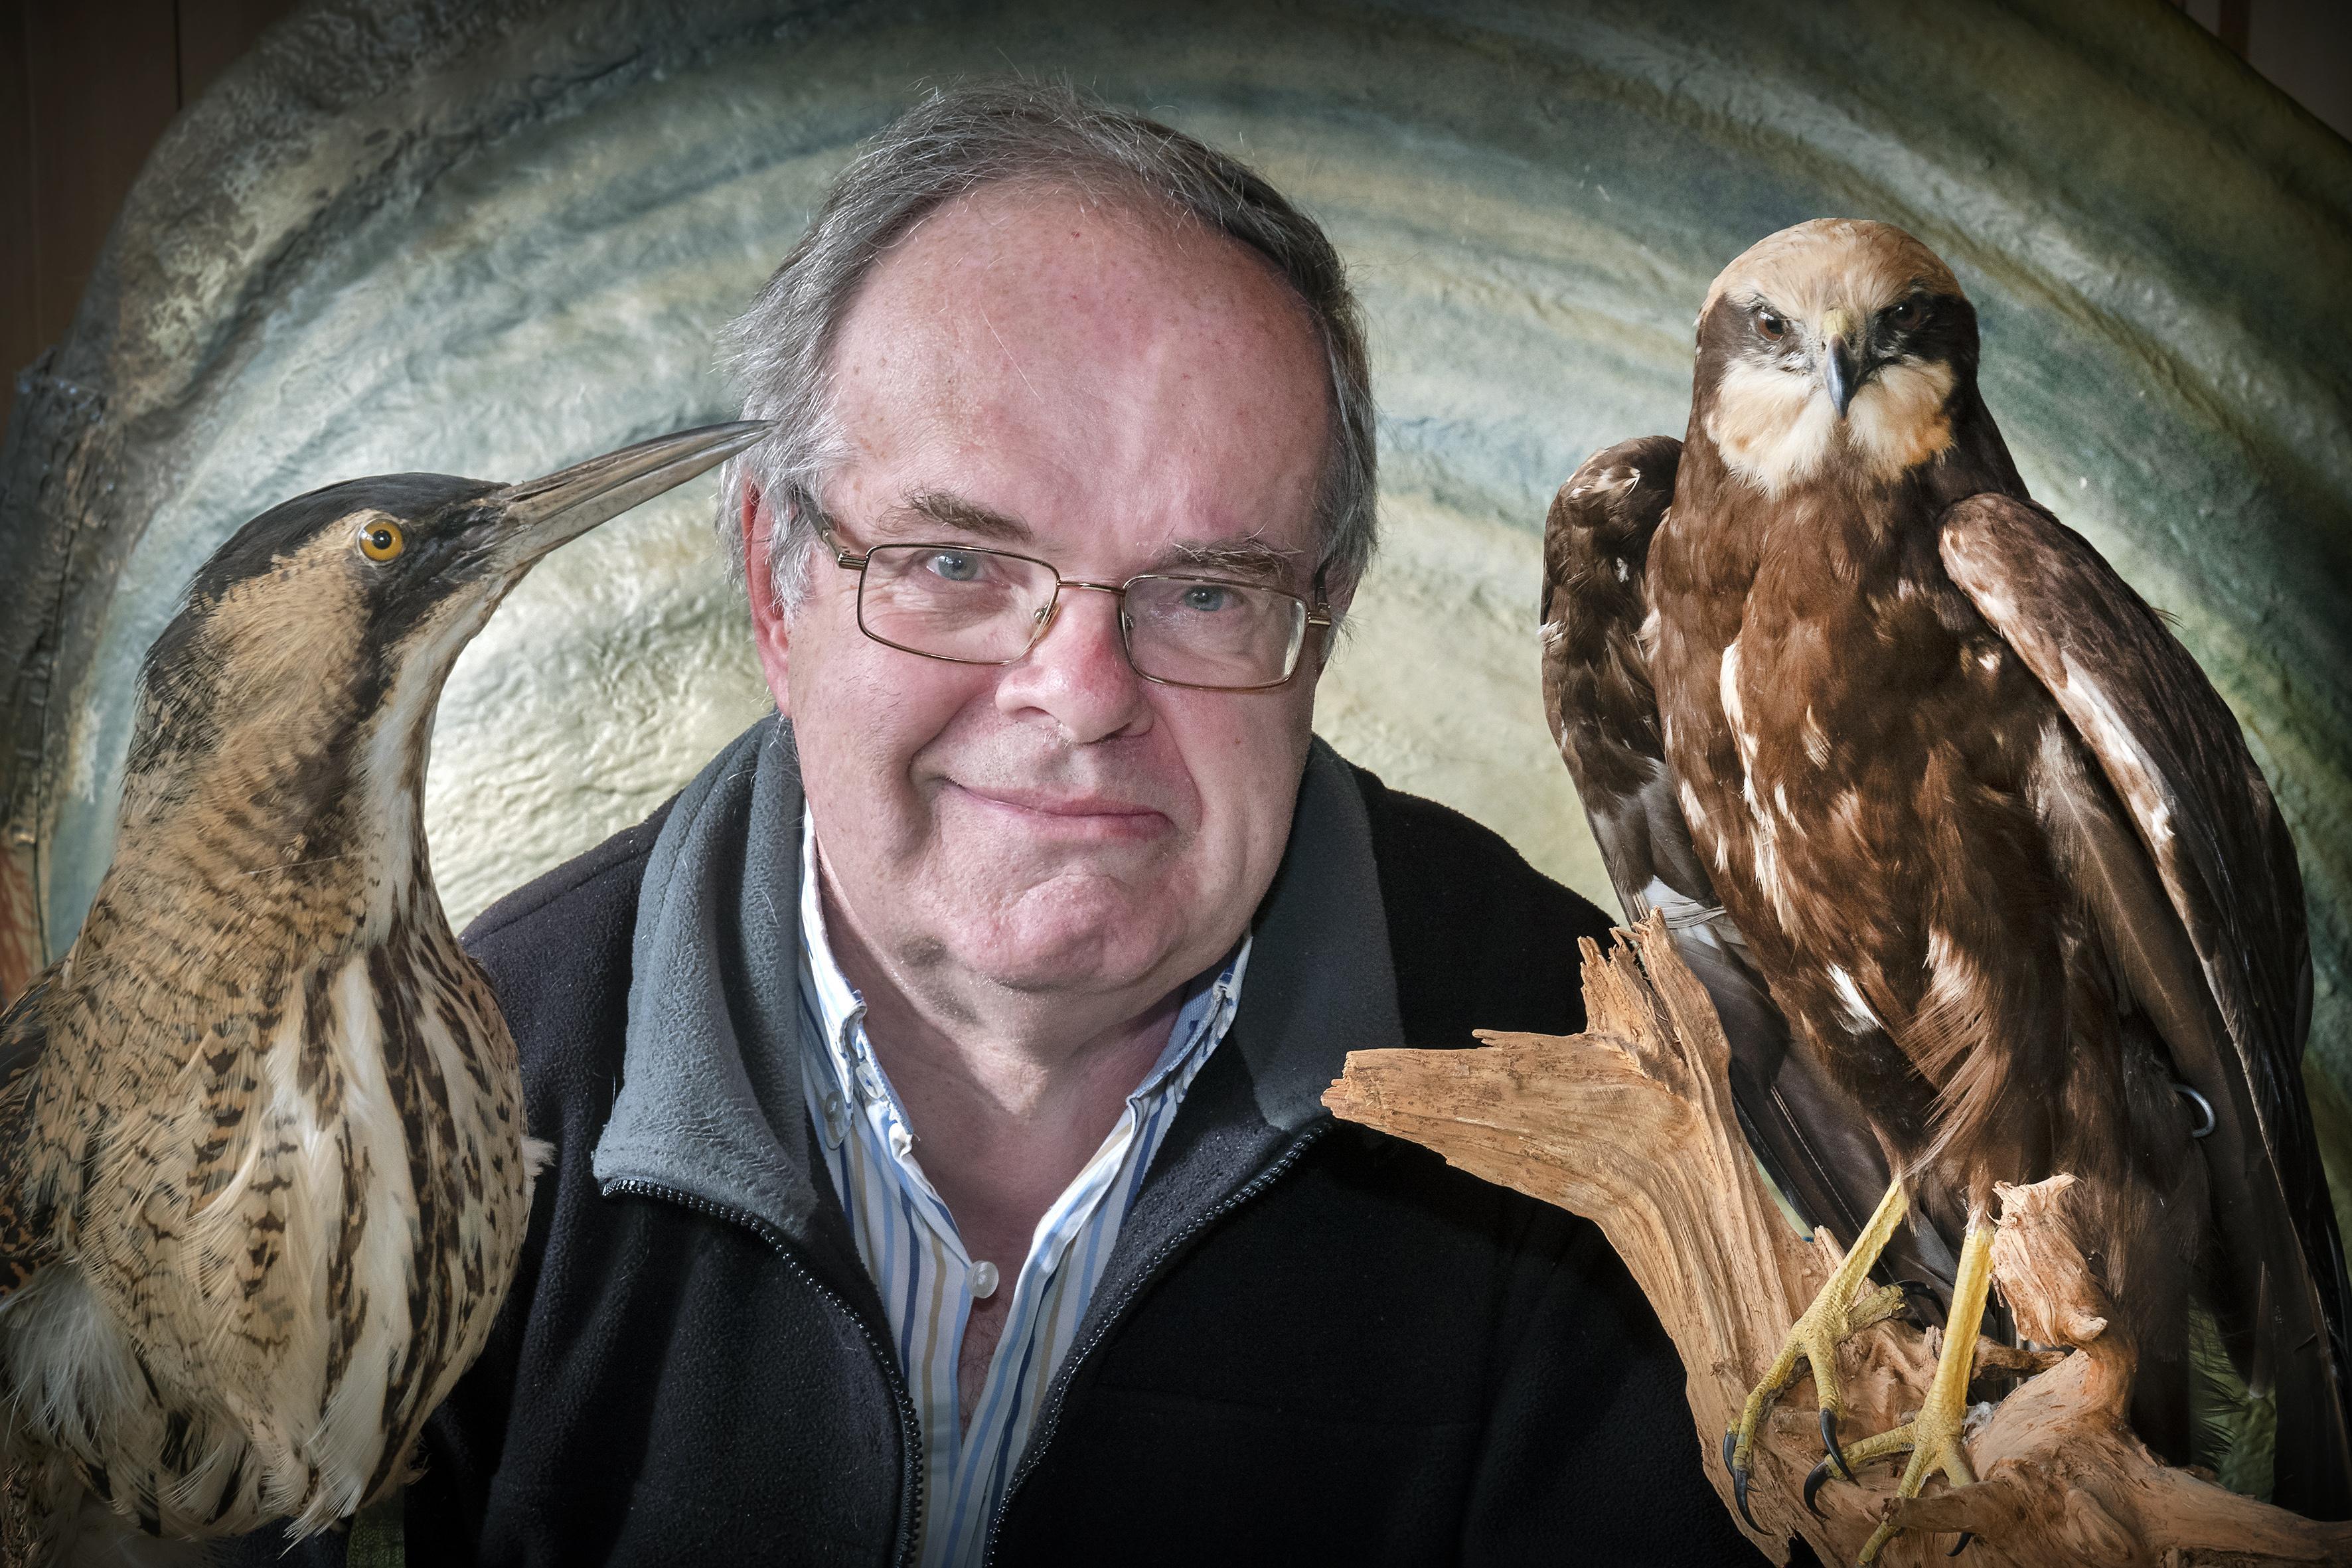 Specialist in het oplappen van besmeurde zeevogels; bioloog Wim Bosch, 68, stond aan de basis van de opvang olieslachtoffers